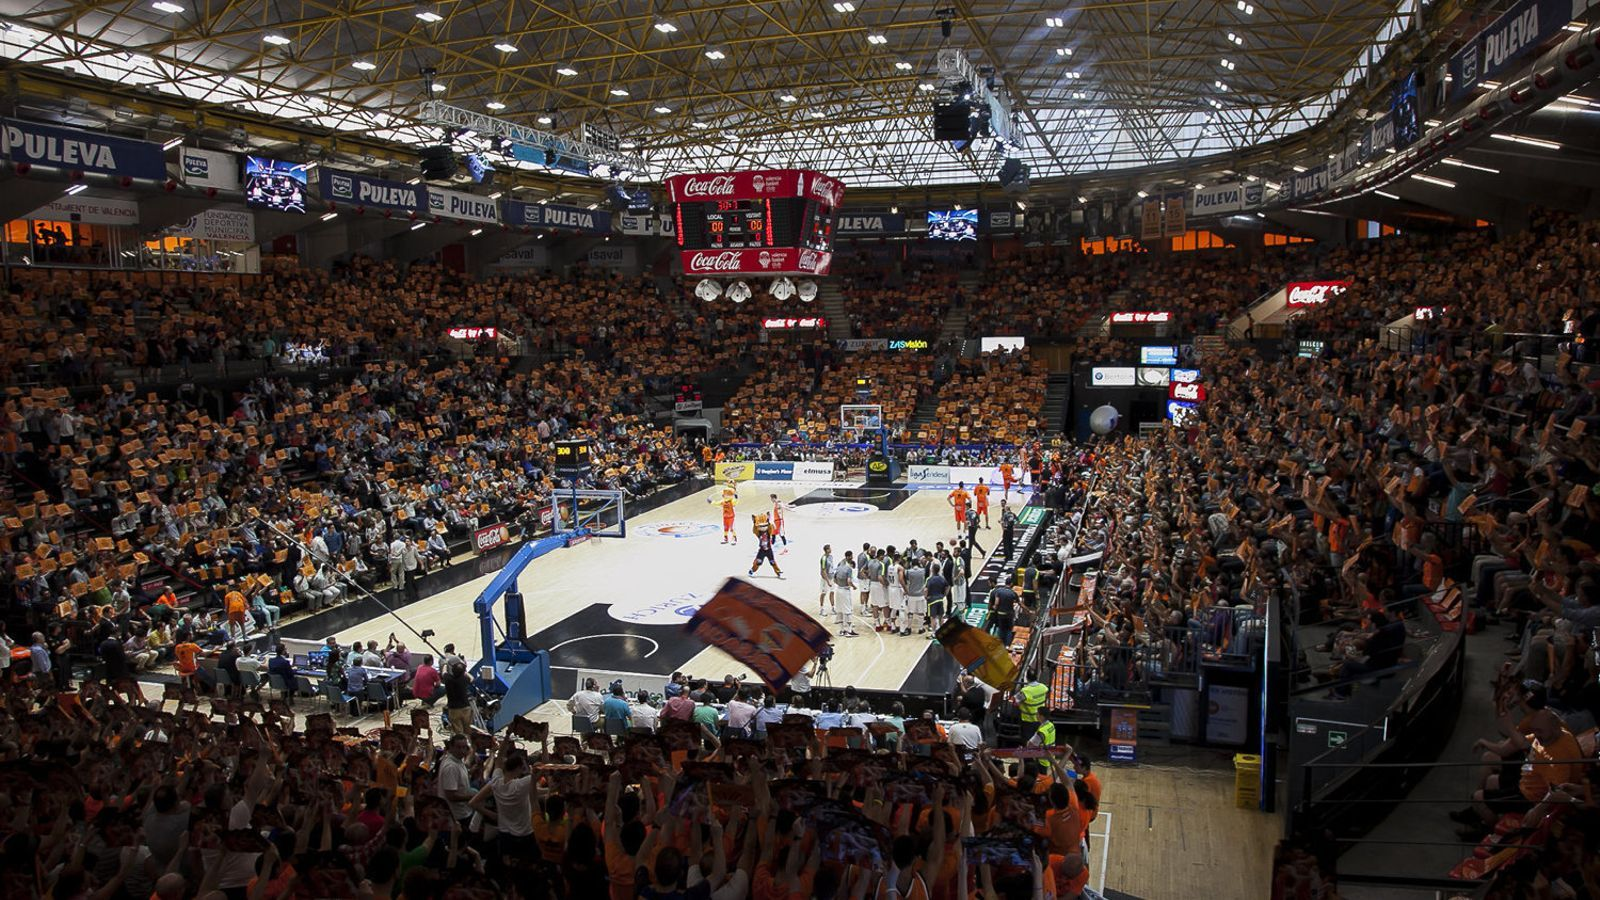 València serà la seu del 'play-off' final de la lliga de bàsquet